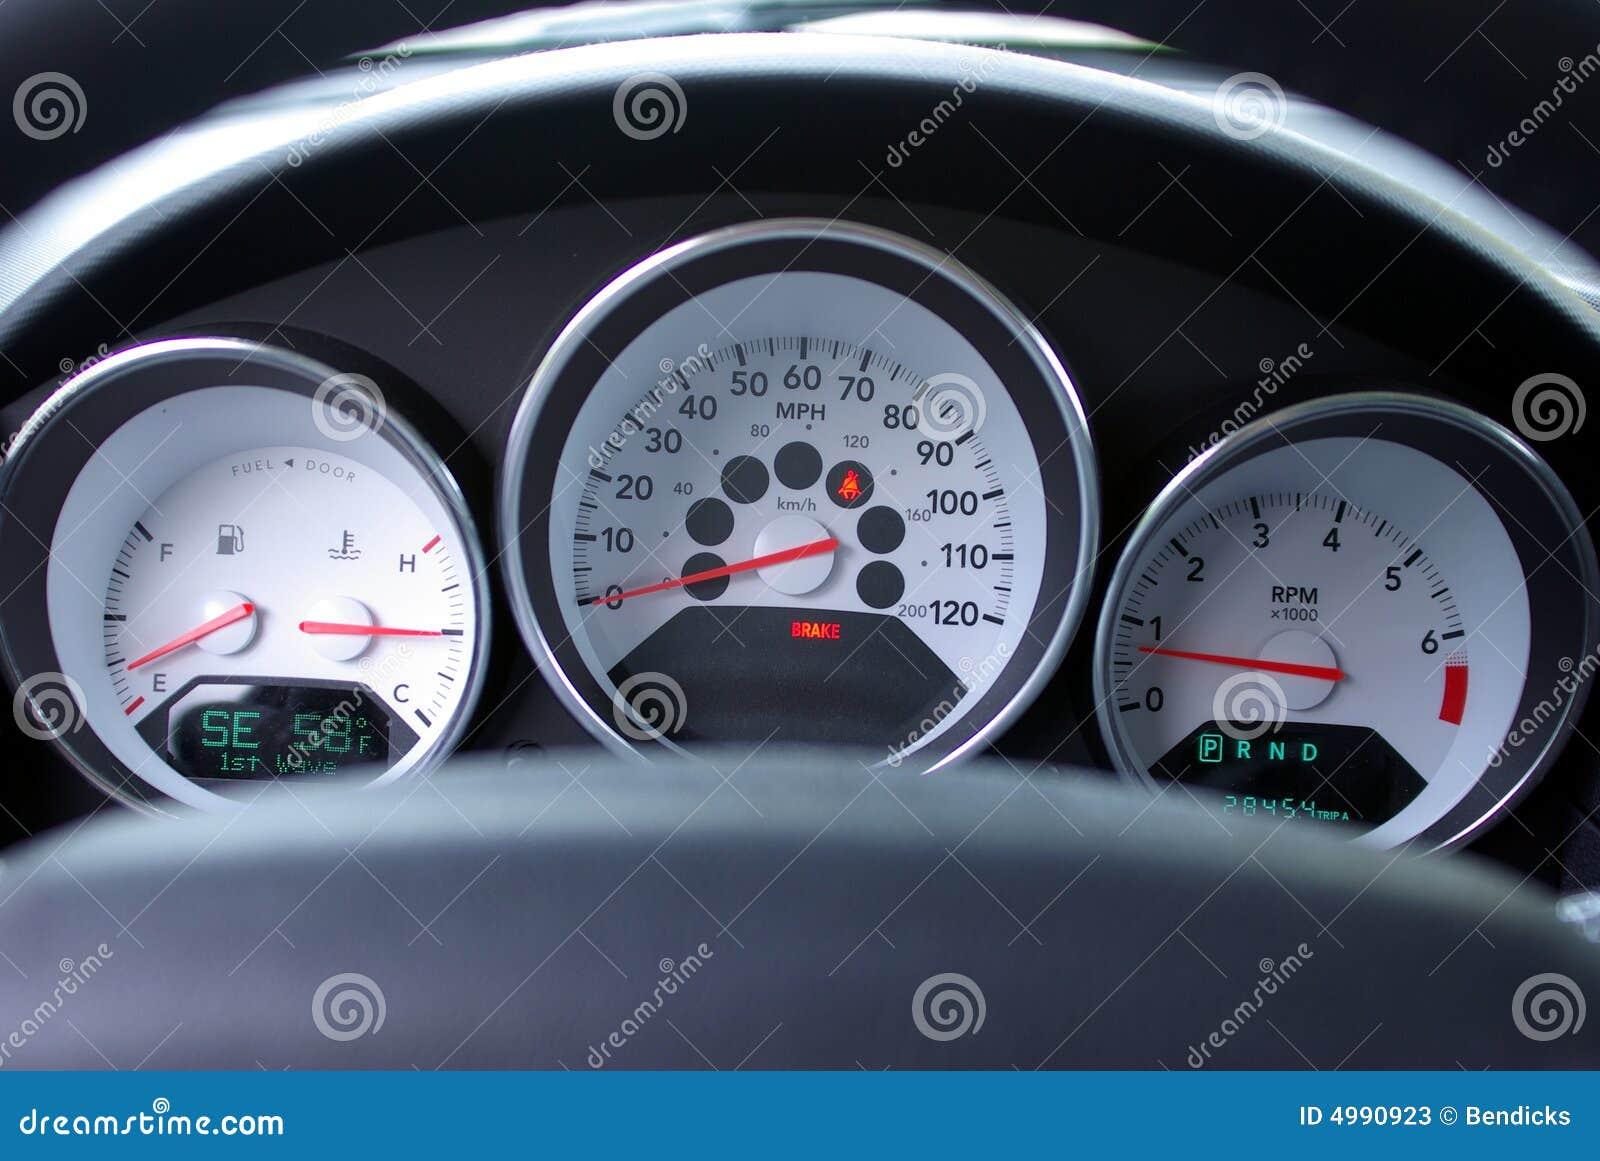 求最新最全汽车仪表盘图解高清图片